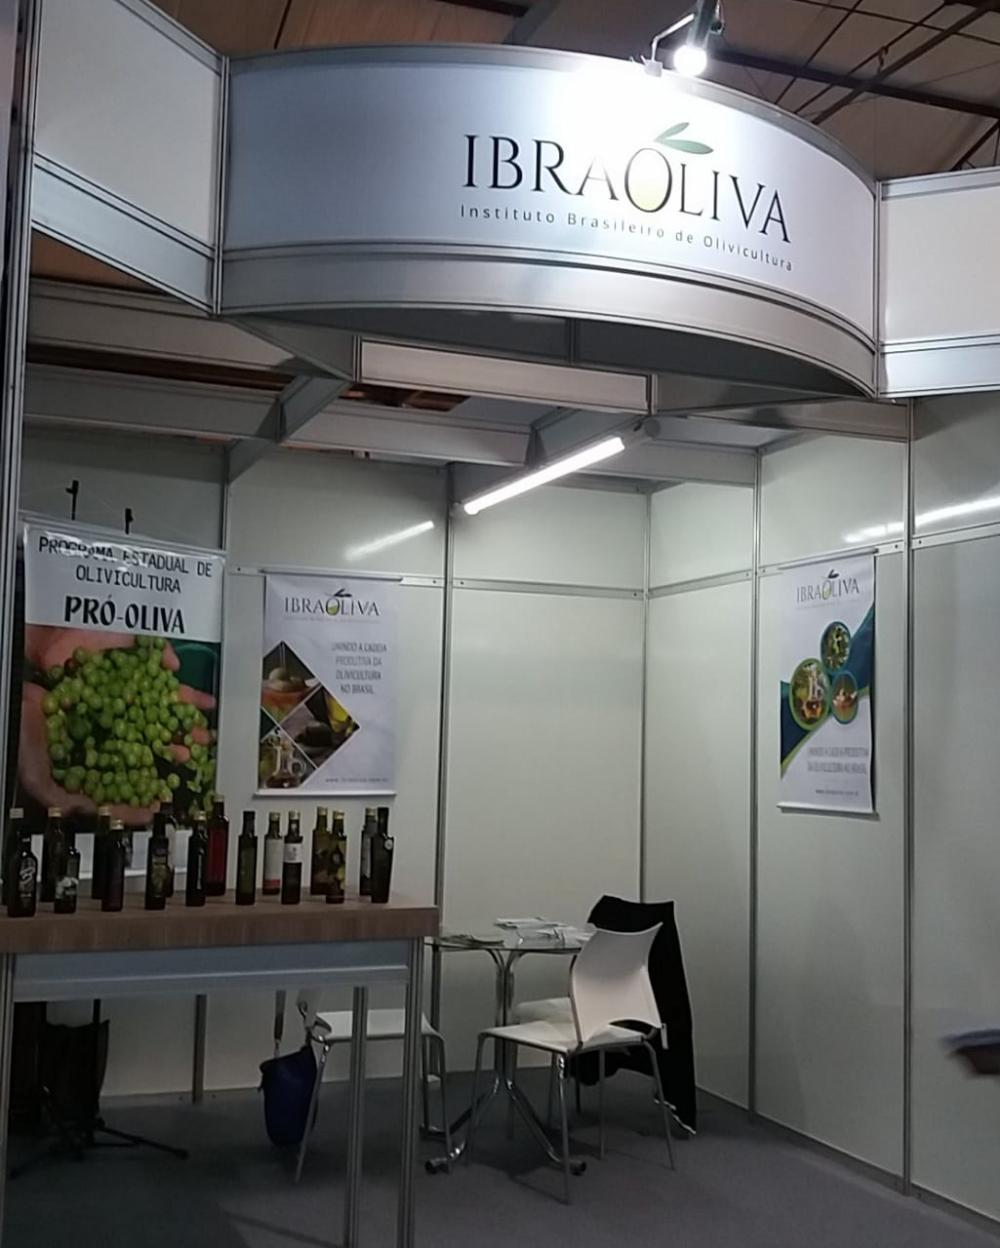 IBRAOLIVA PARTICIPA DA WINE SHOUT AMERICA EM BENTO GONÇALVES